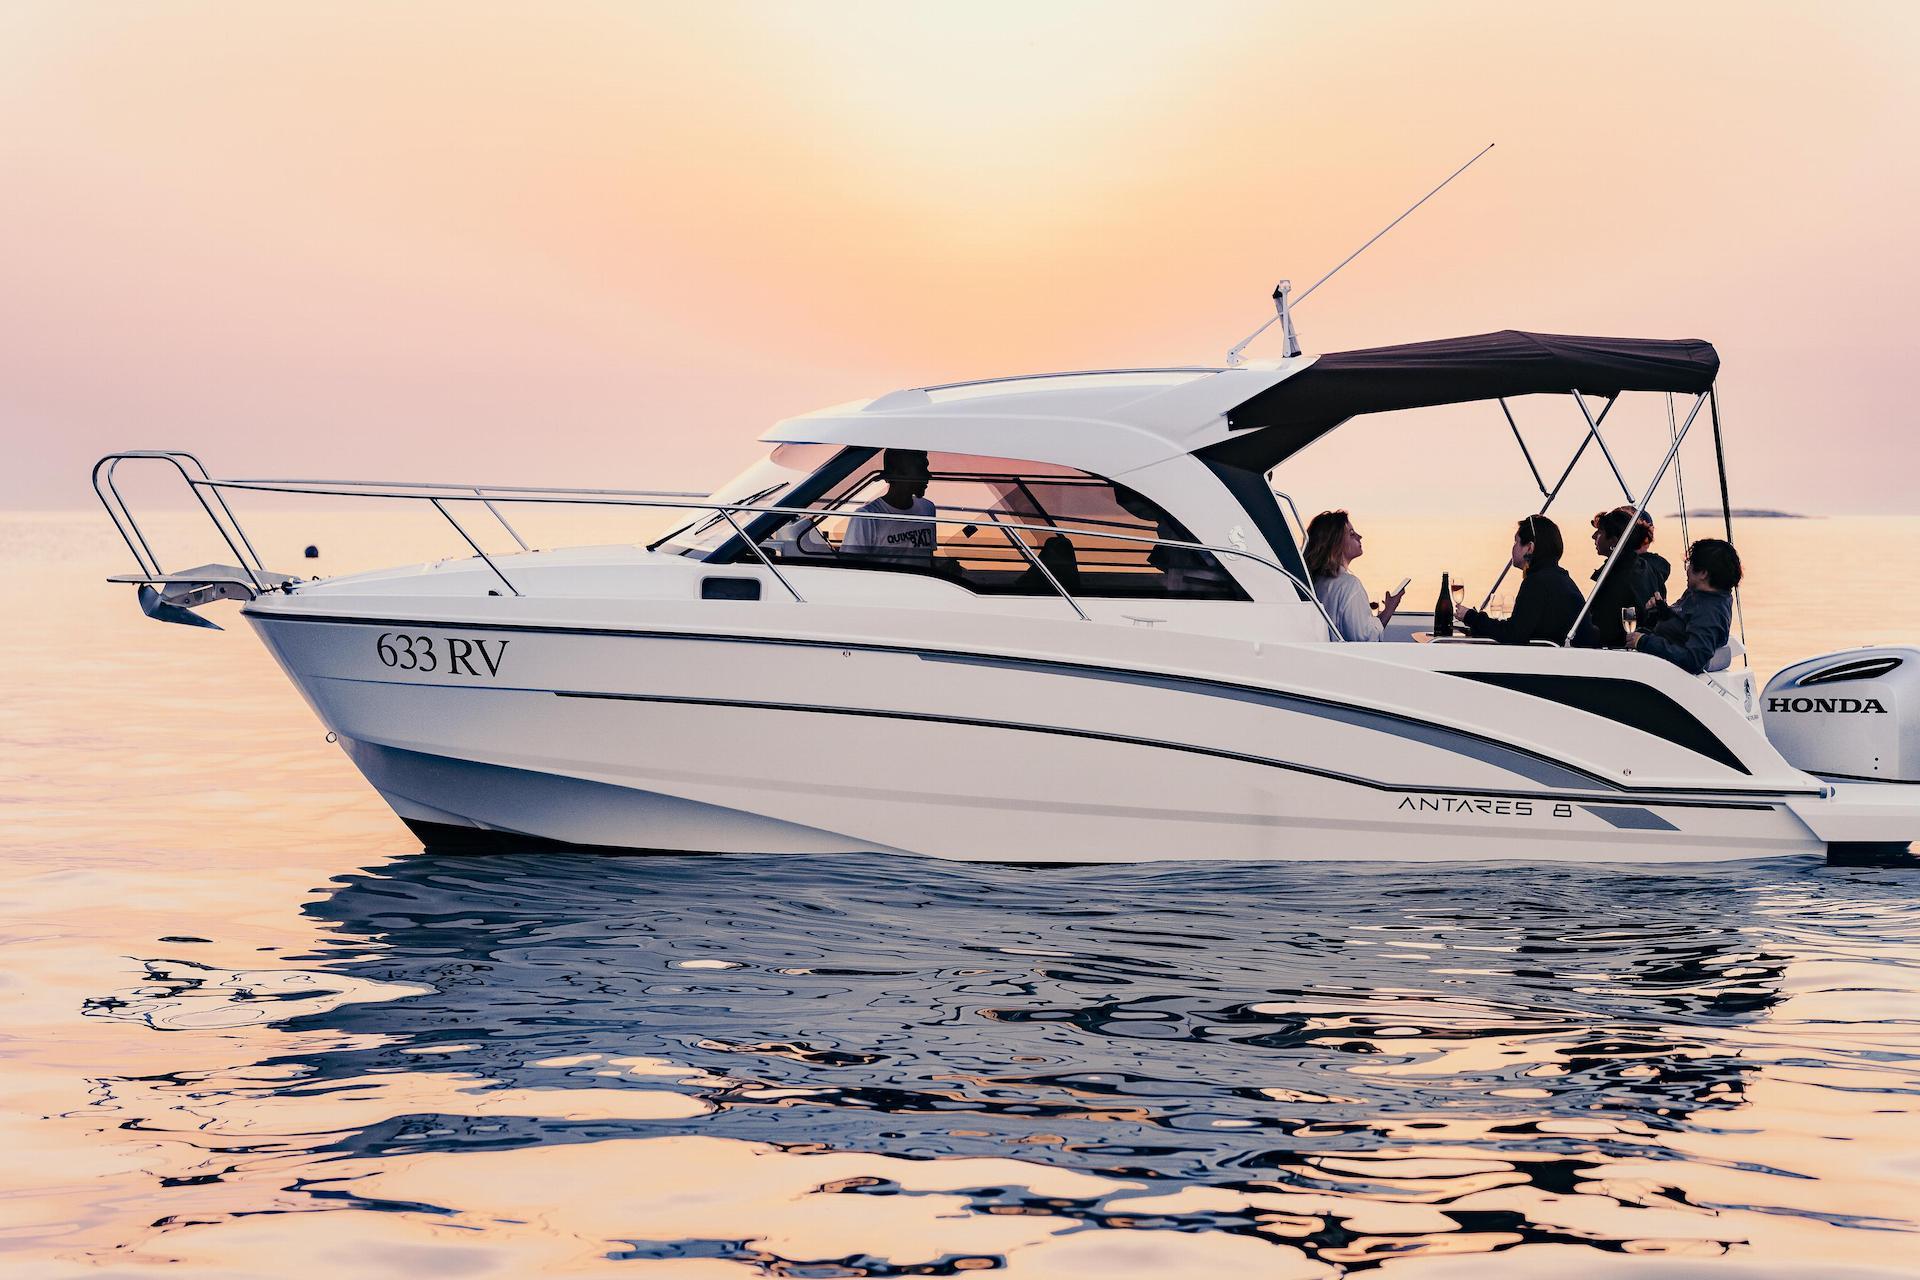 Sunset on speedboat